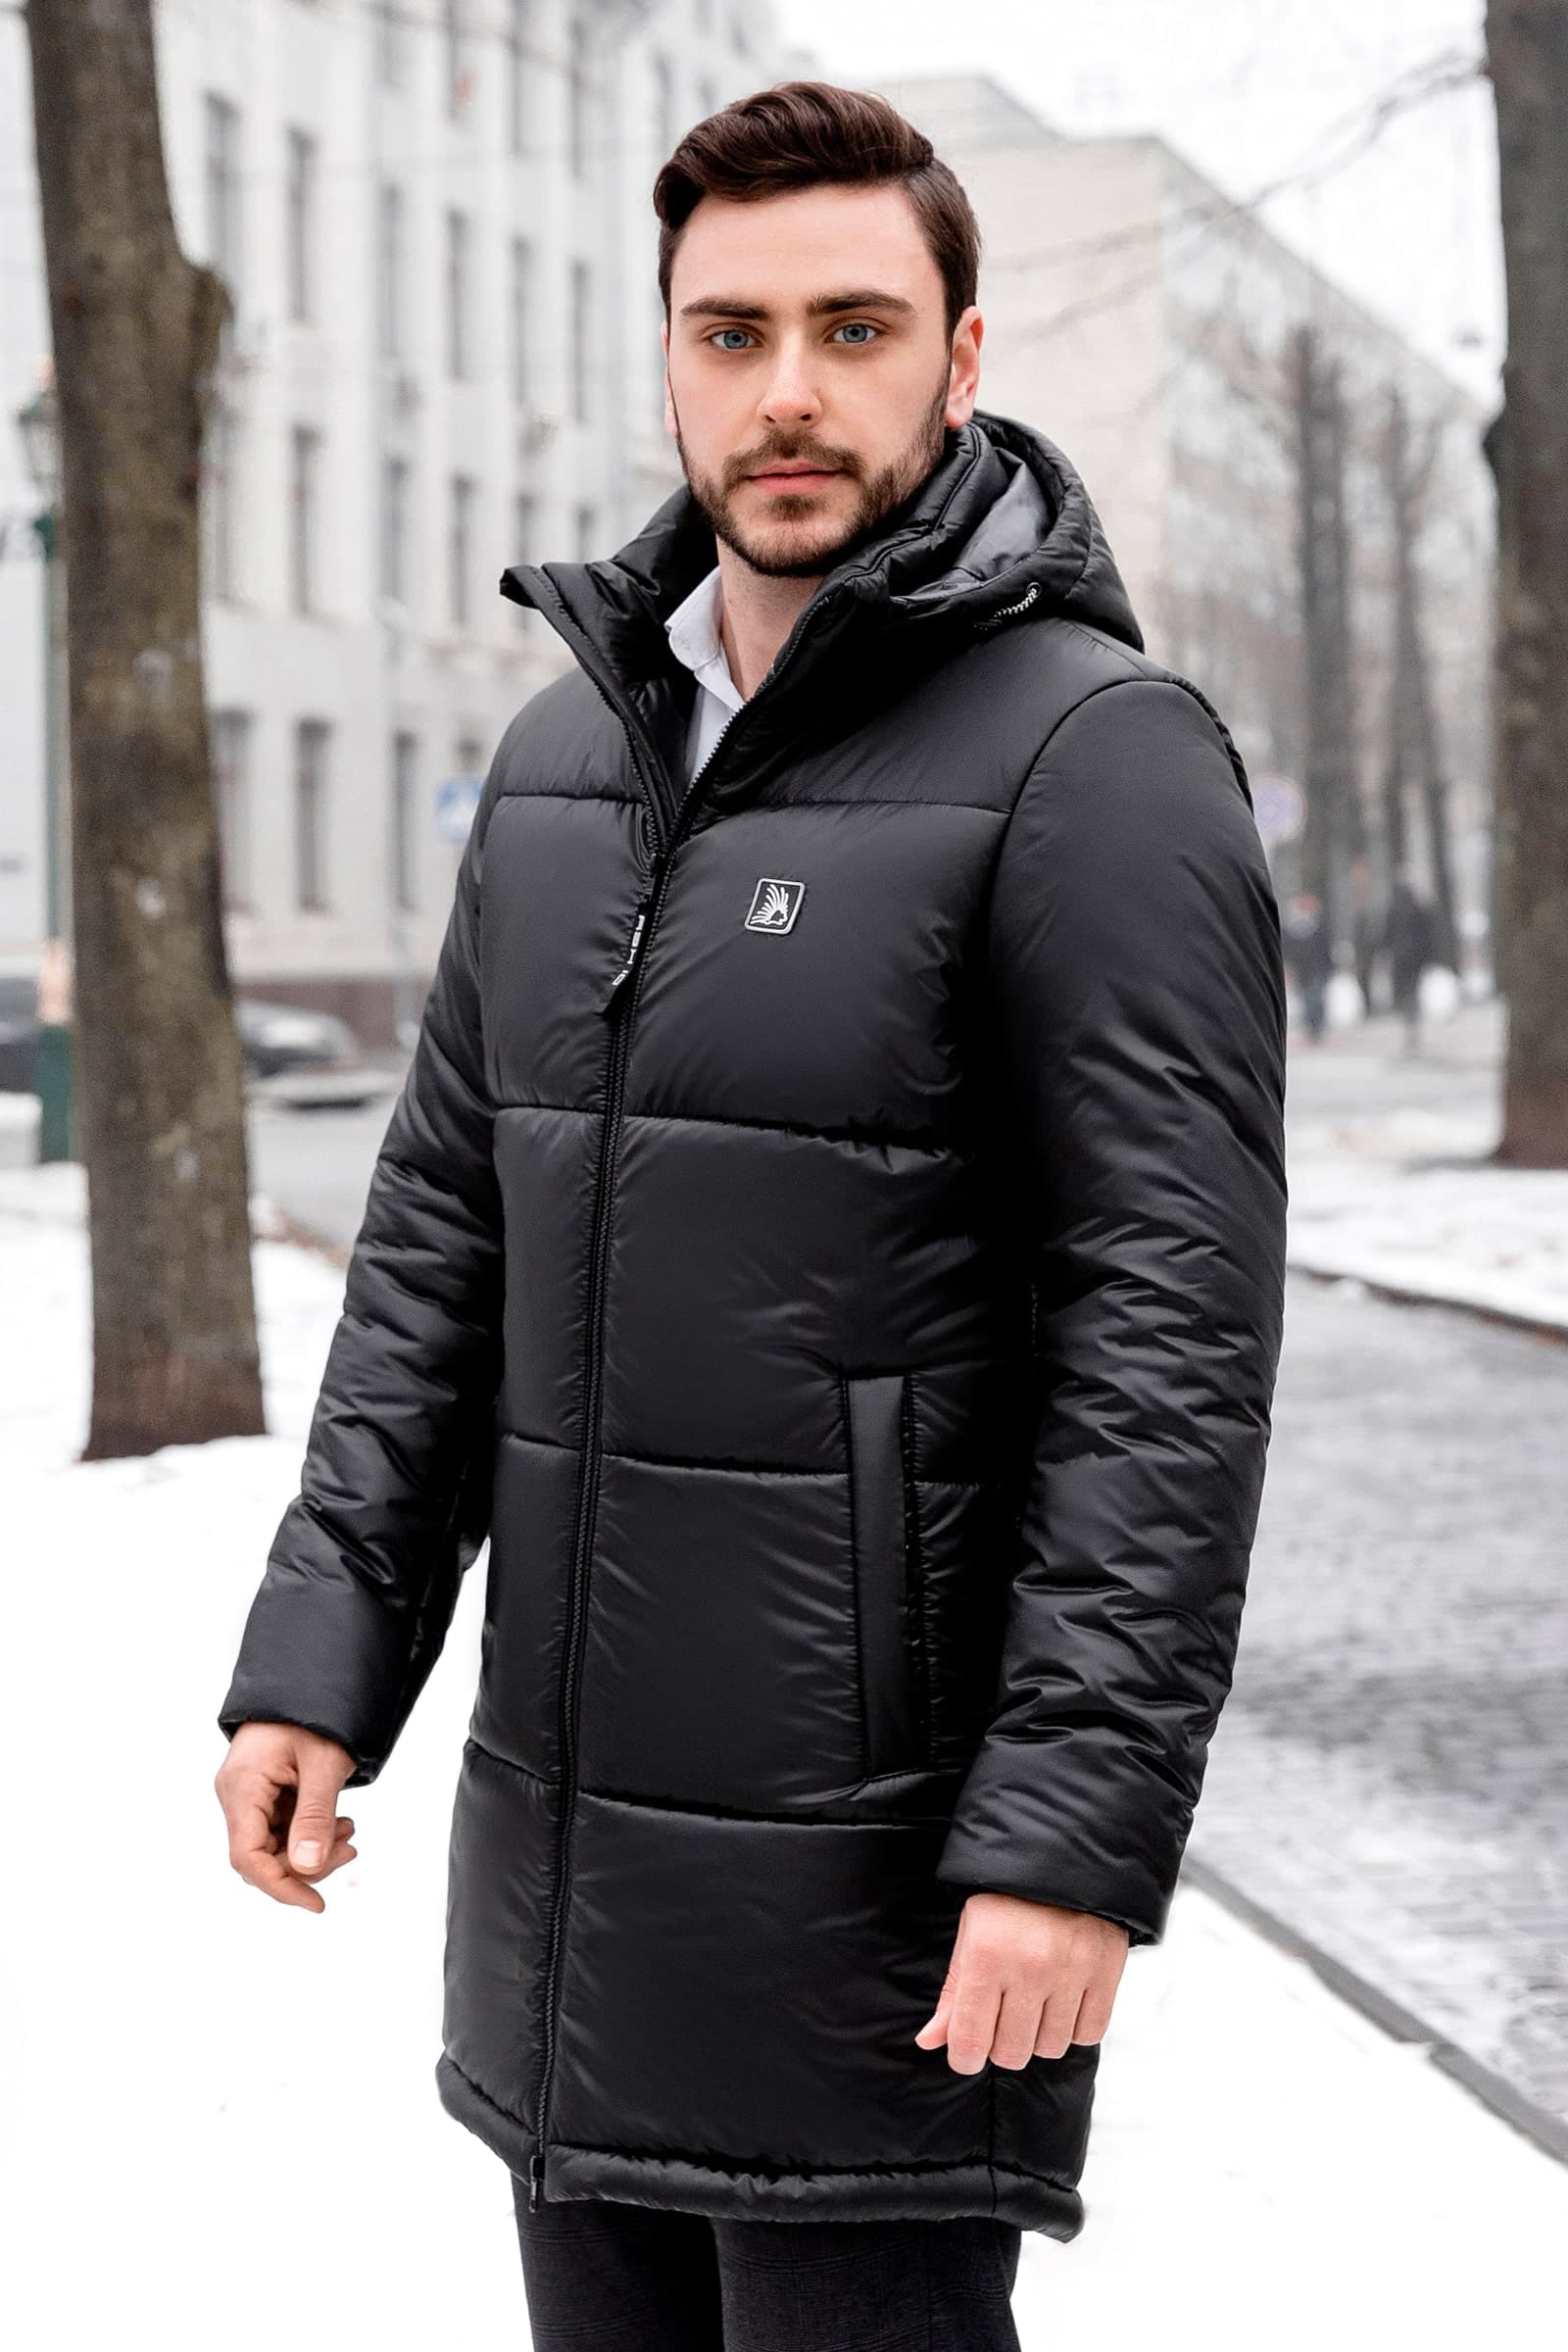 Купить зимнюю куртку мужскую Днепропетровск - фото